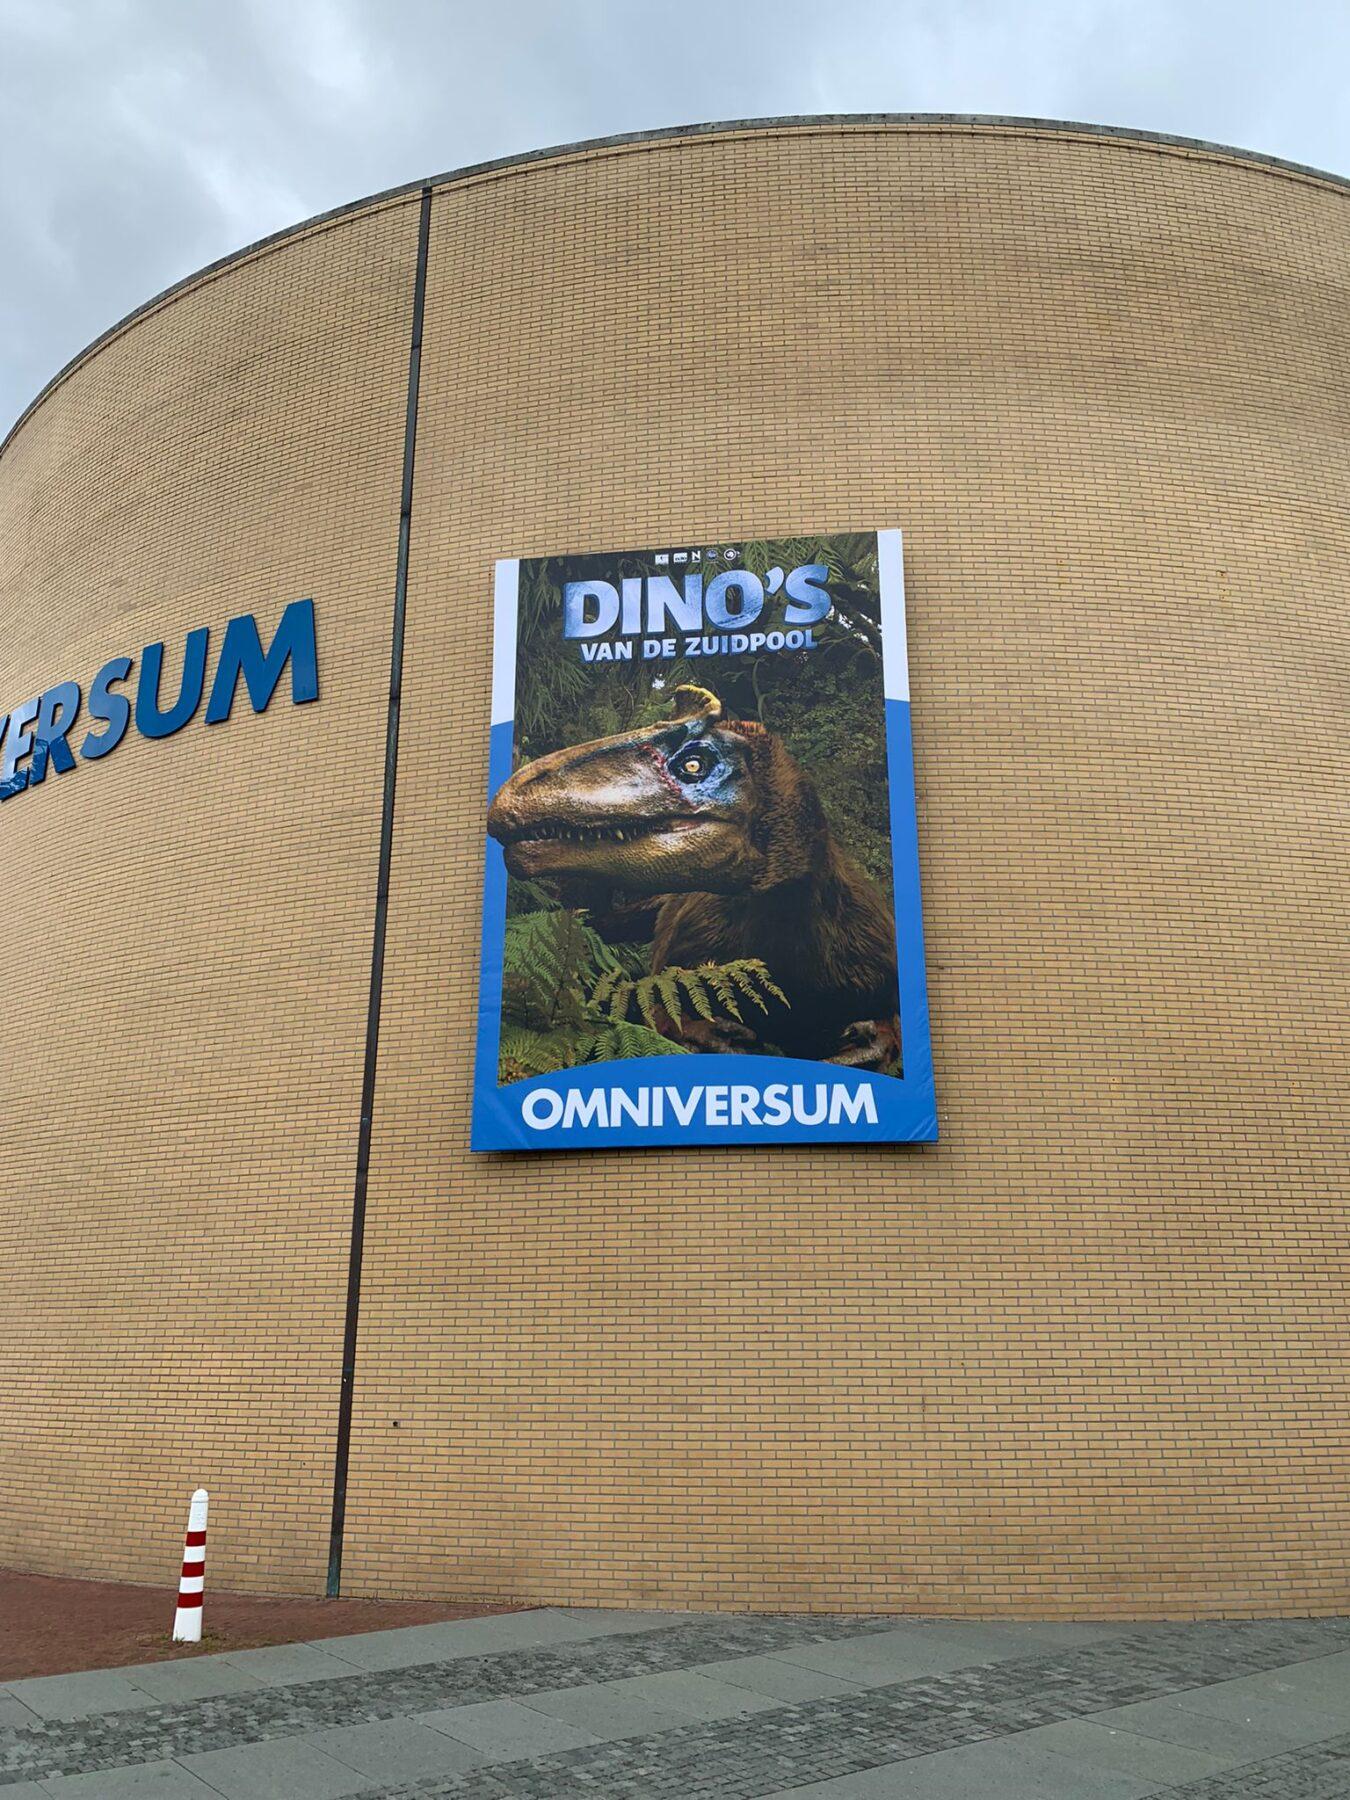 Omniversum, Dino's   Den Haag